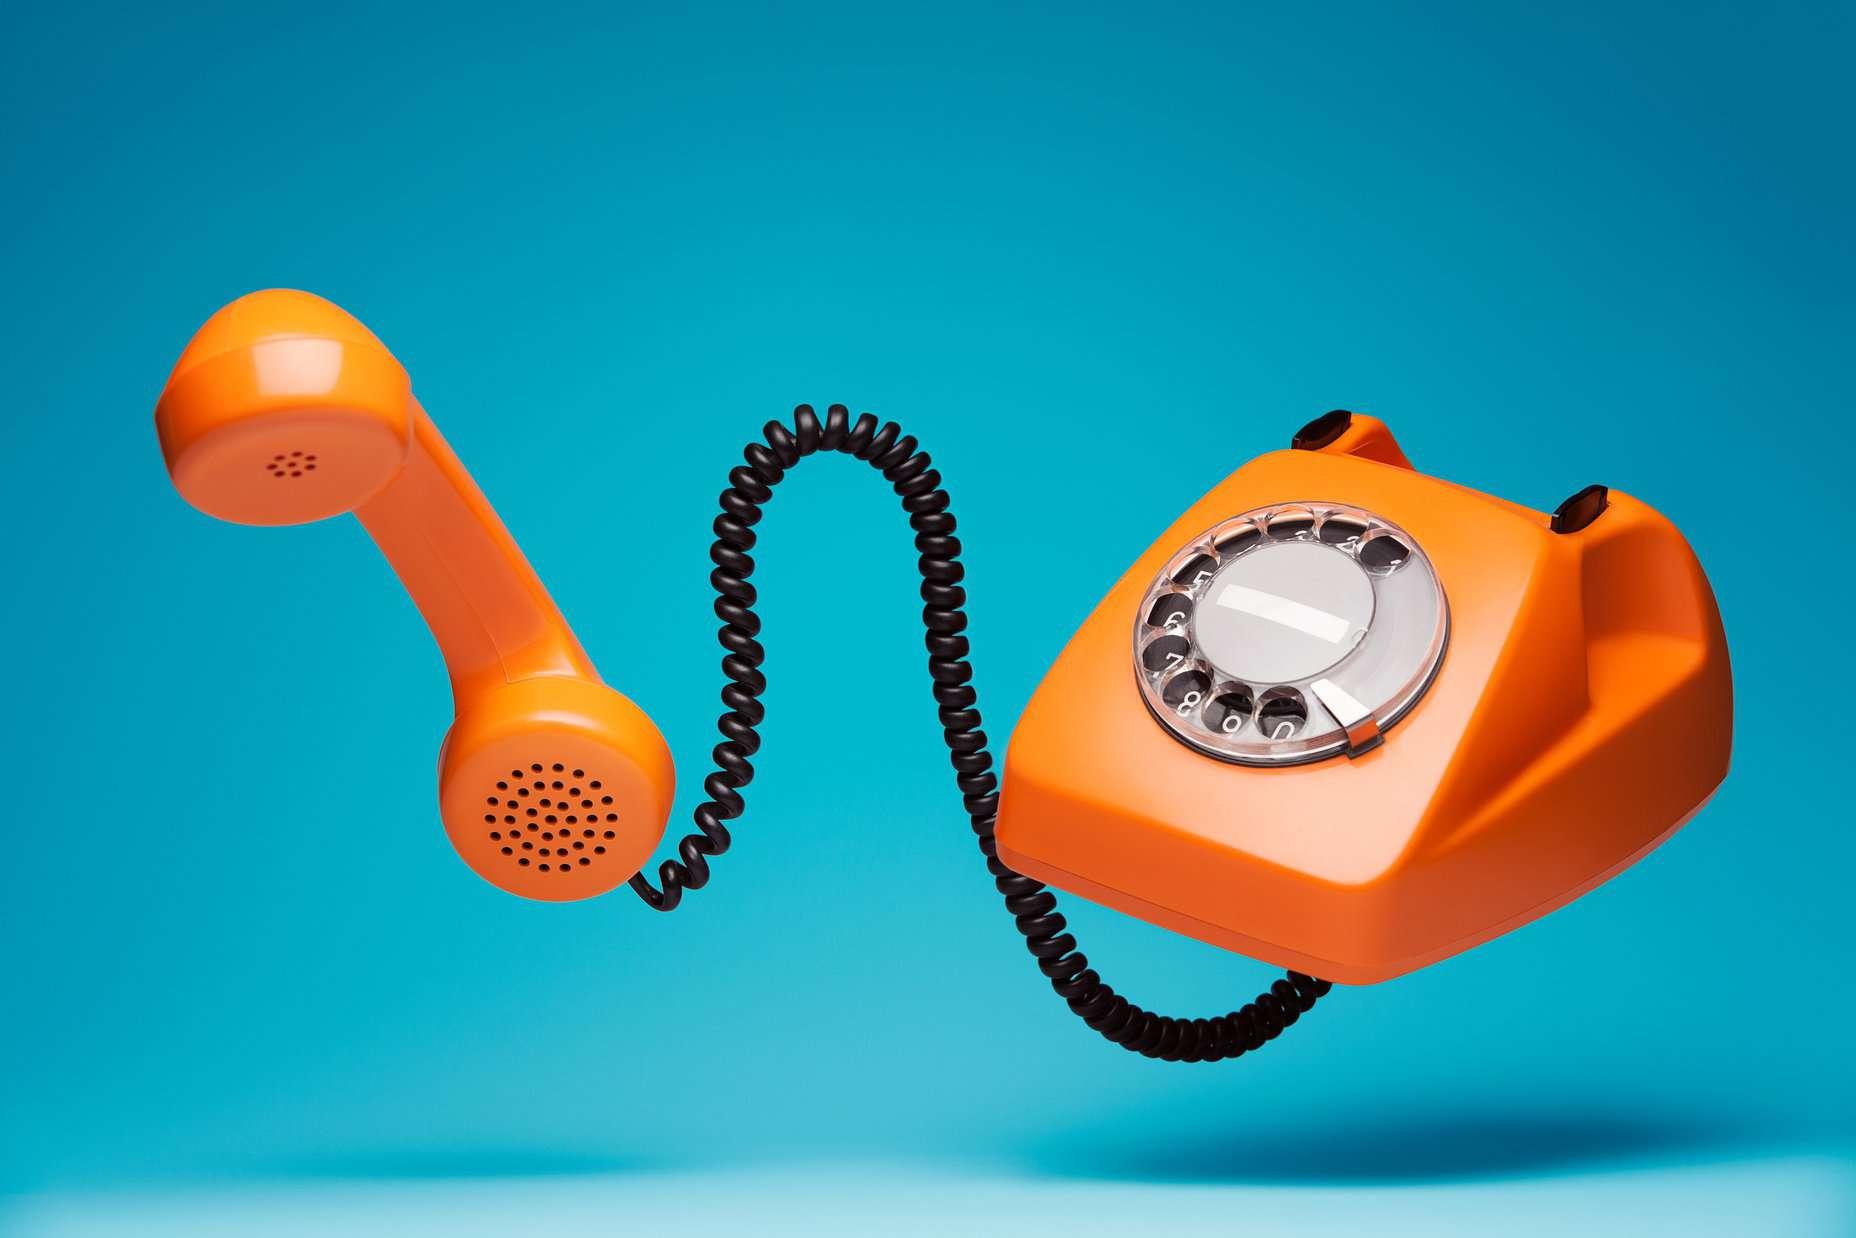 National Landline Telephone Day Wishes Images